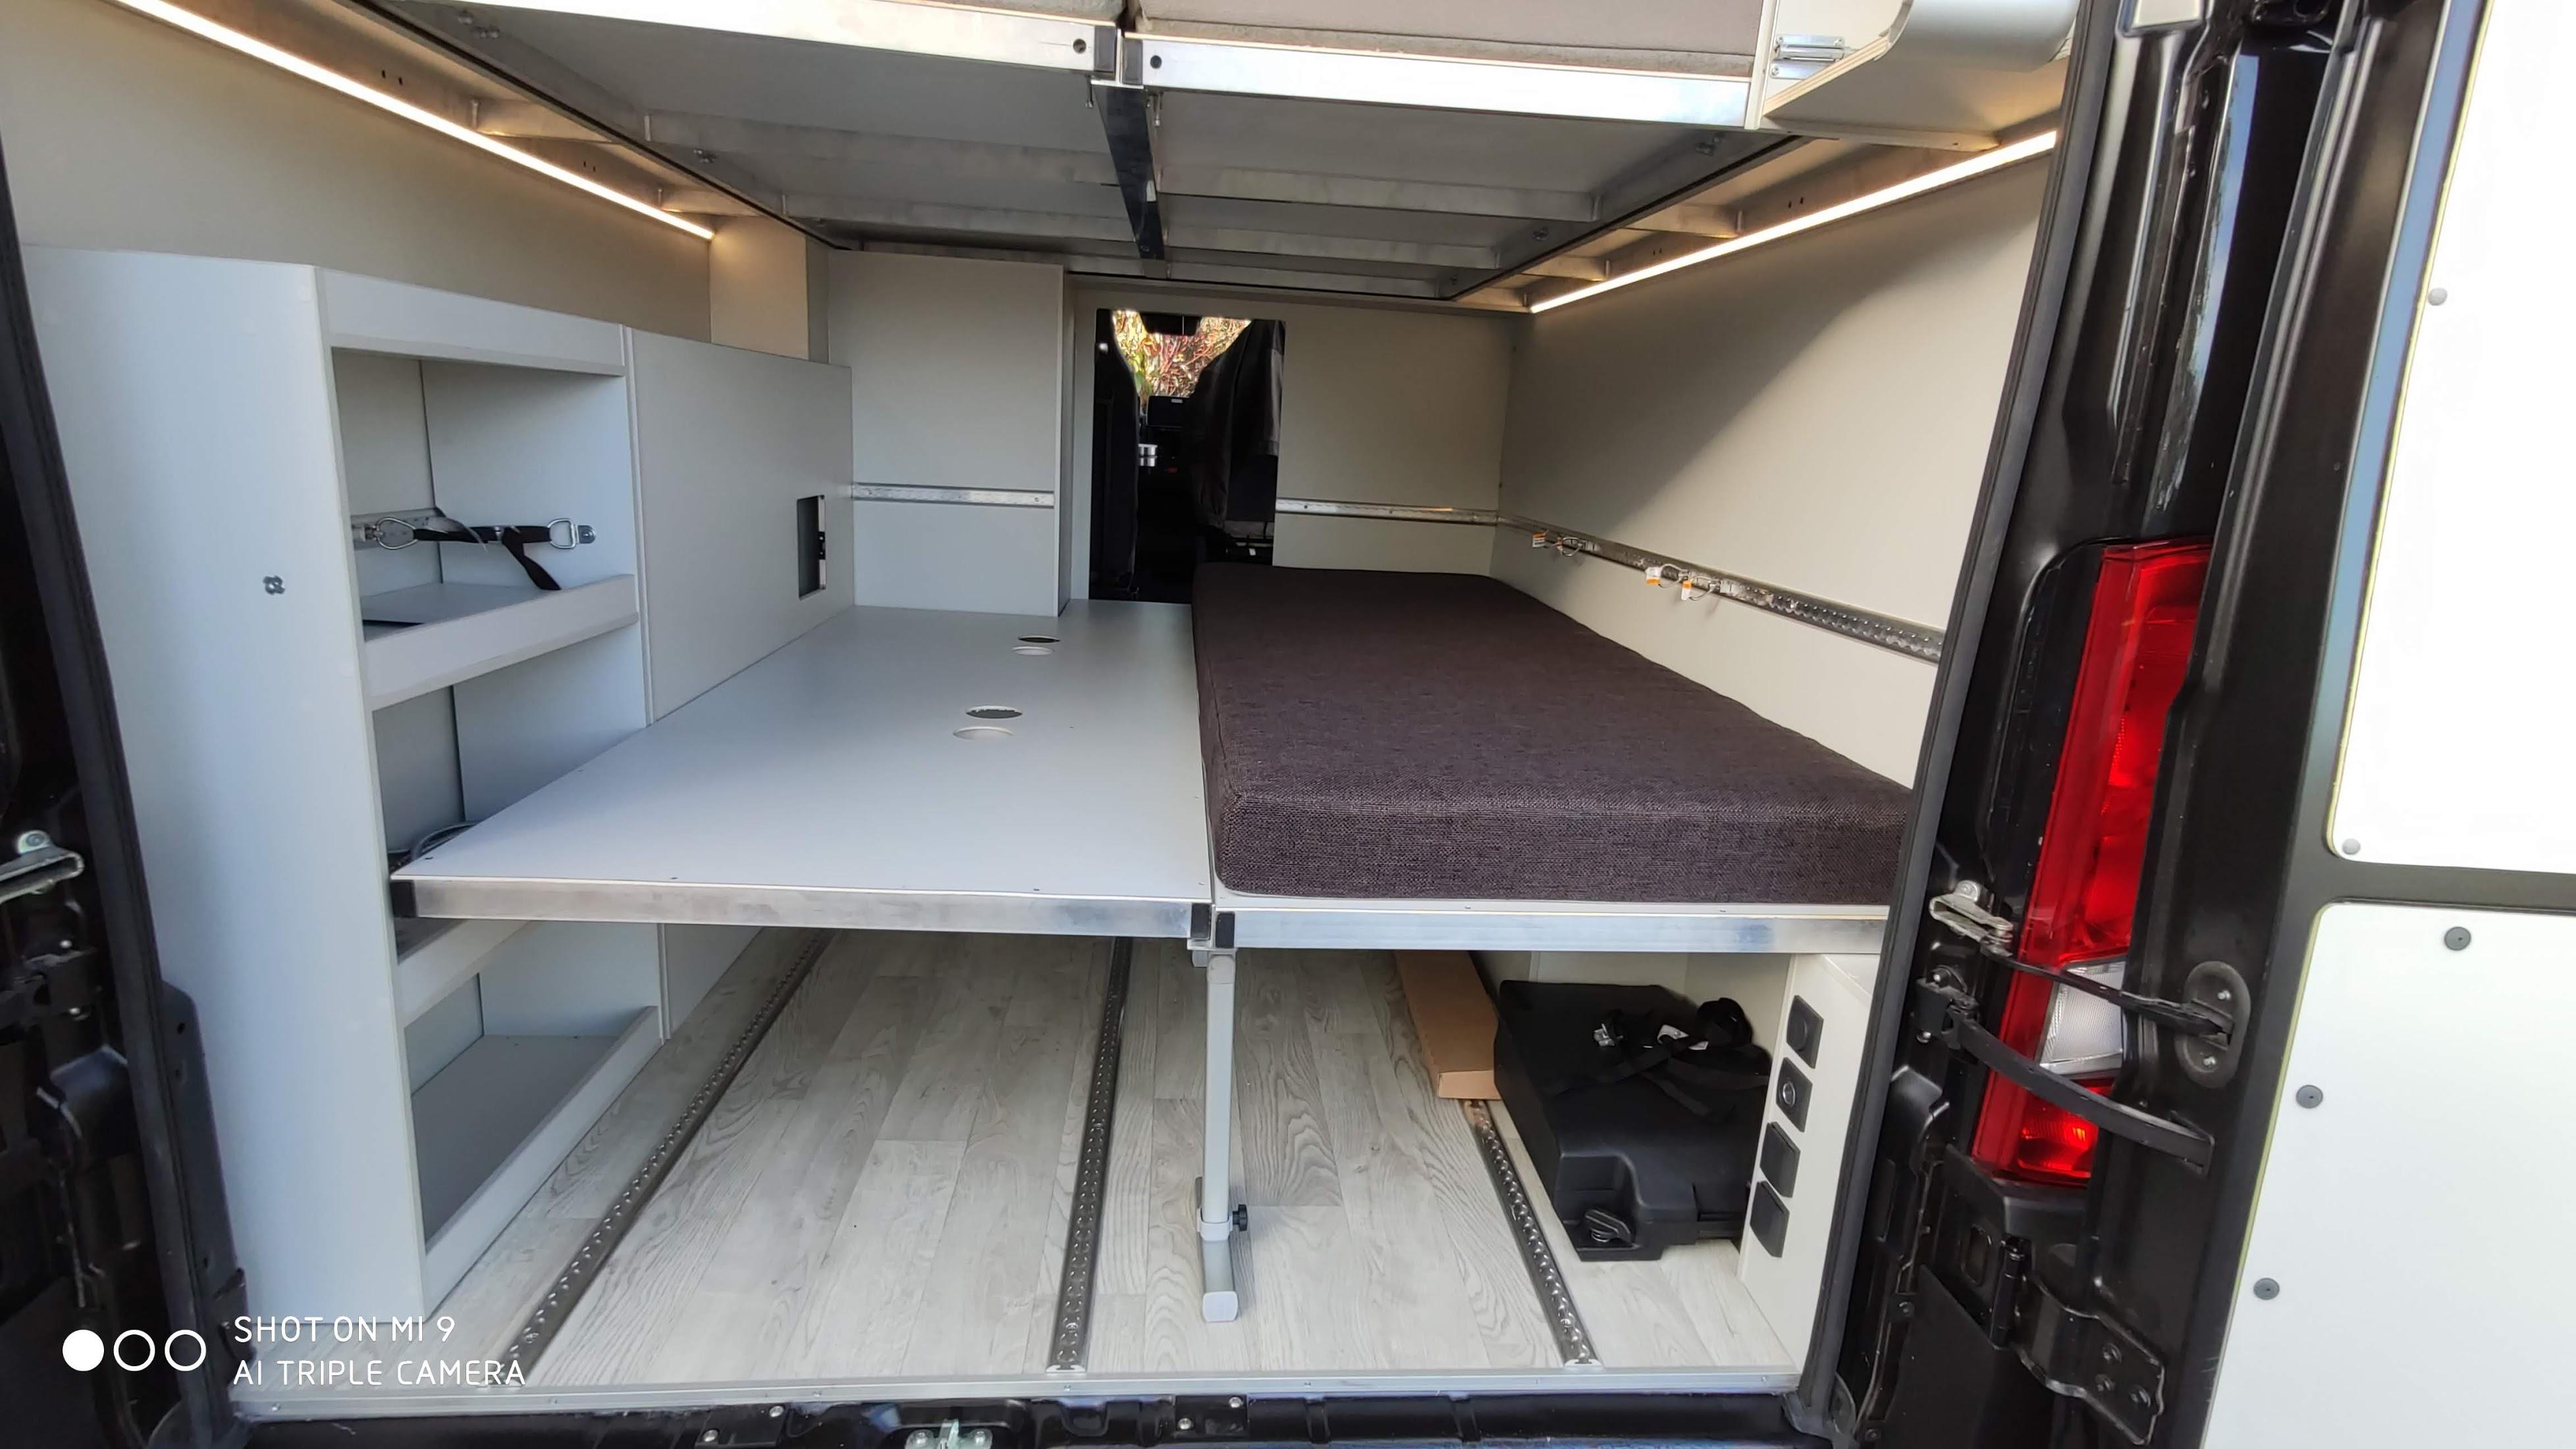 zweiteiliges Garagenbett für ihre Bedürfnisse entweder eins oder zwei mitnehmen viel Platz VR Vans